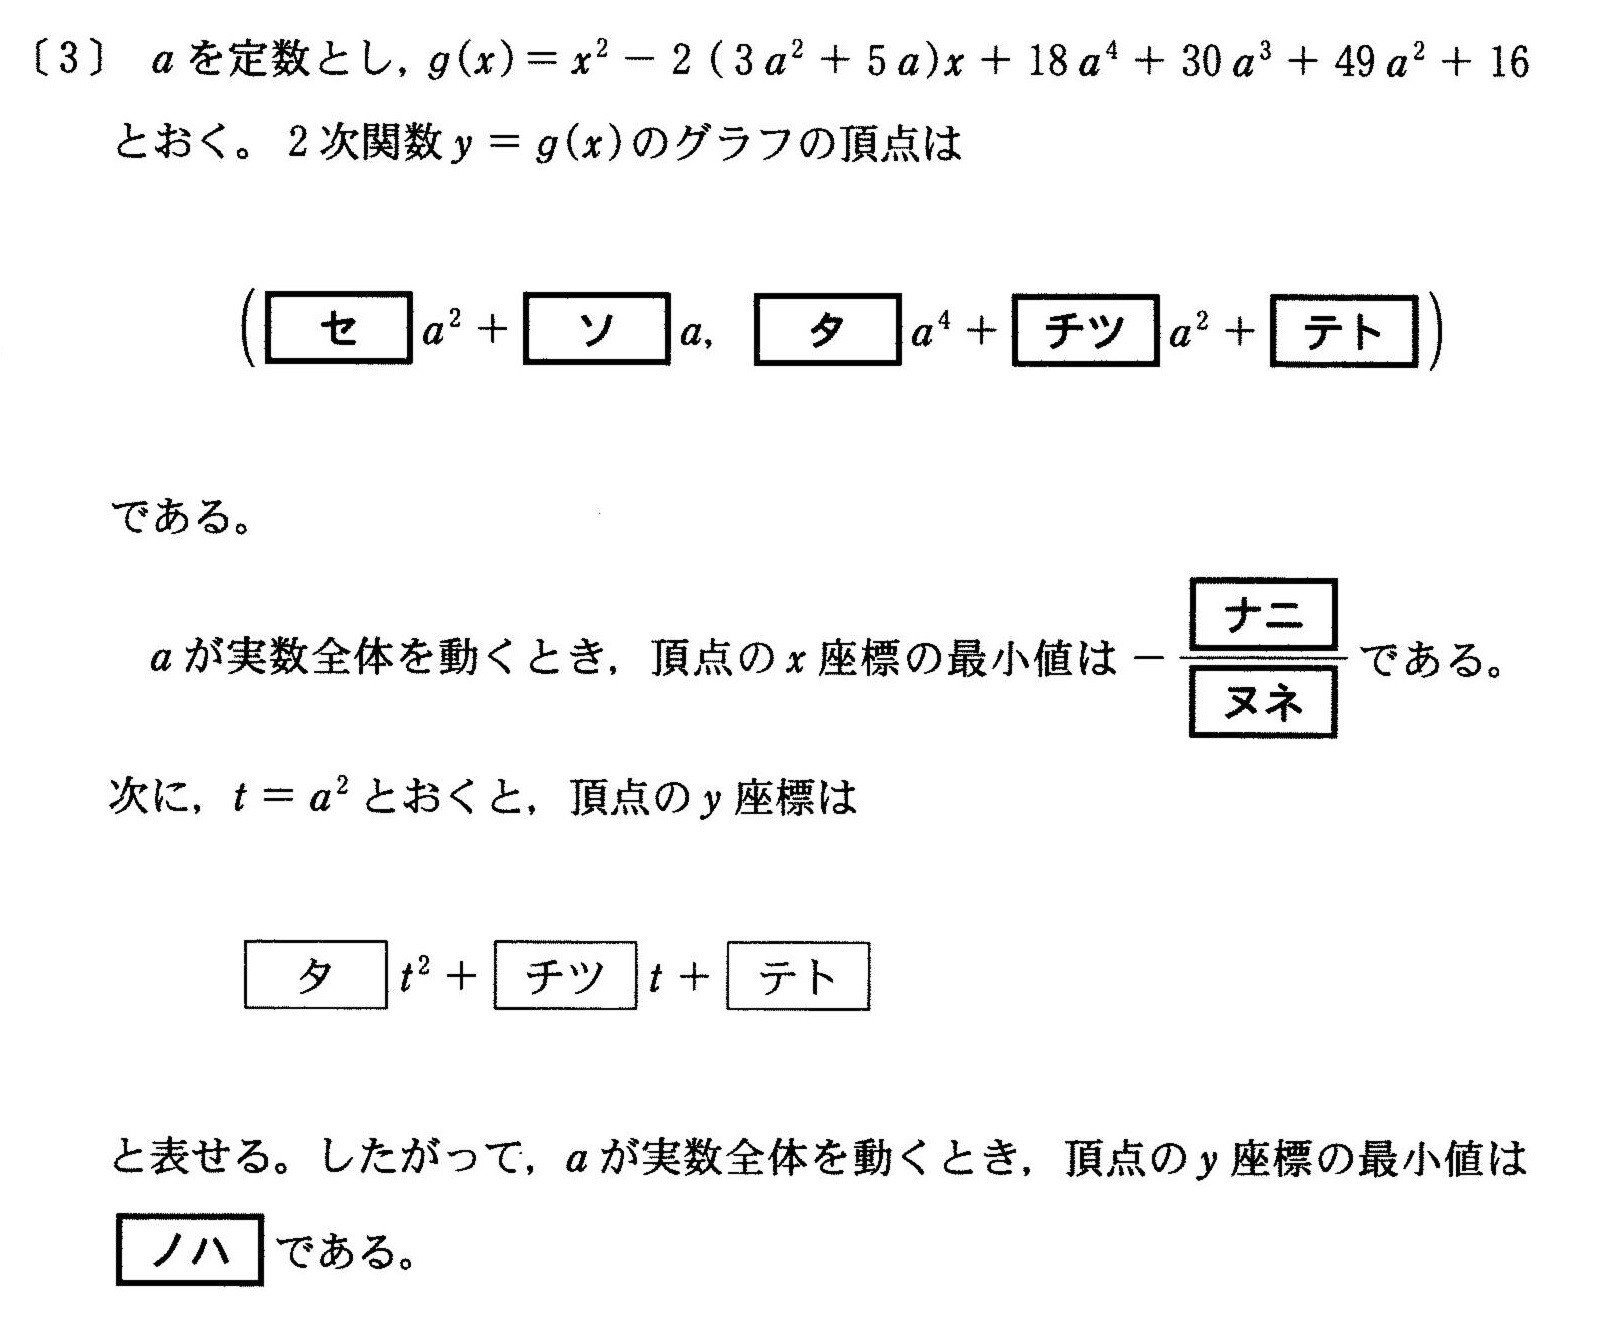 2017IA1-3.jpg